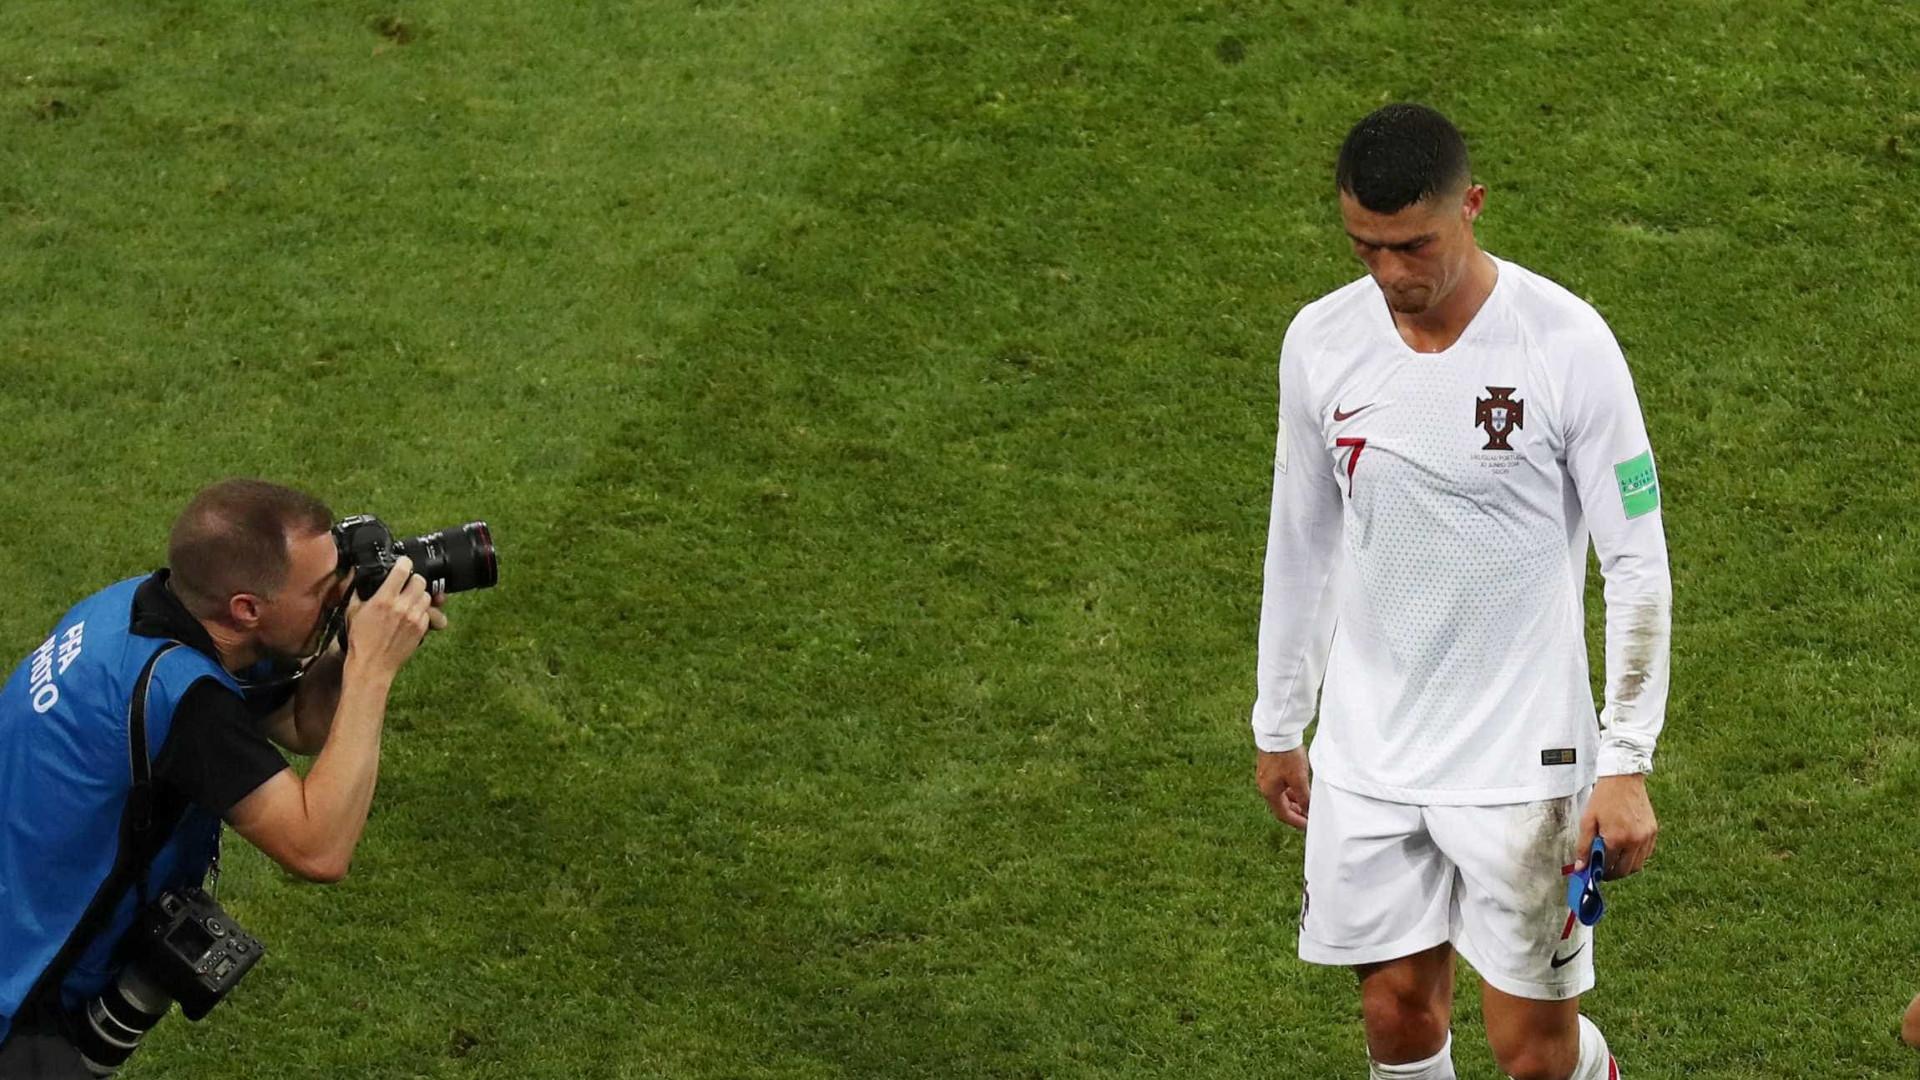 Eliminados, CR7 e Messi seguem sem marcar em mata-mata de Copa